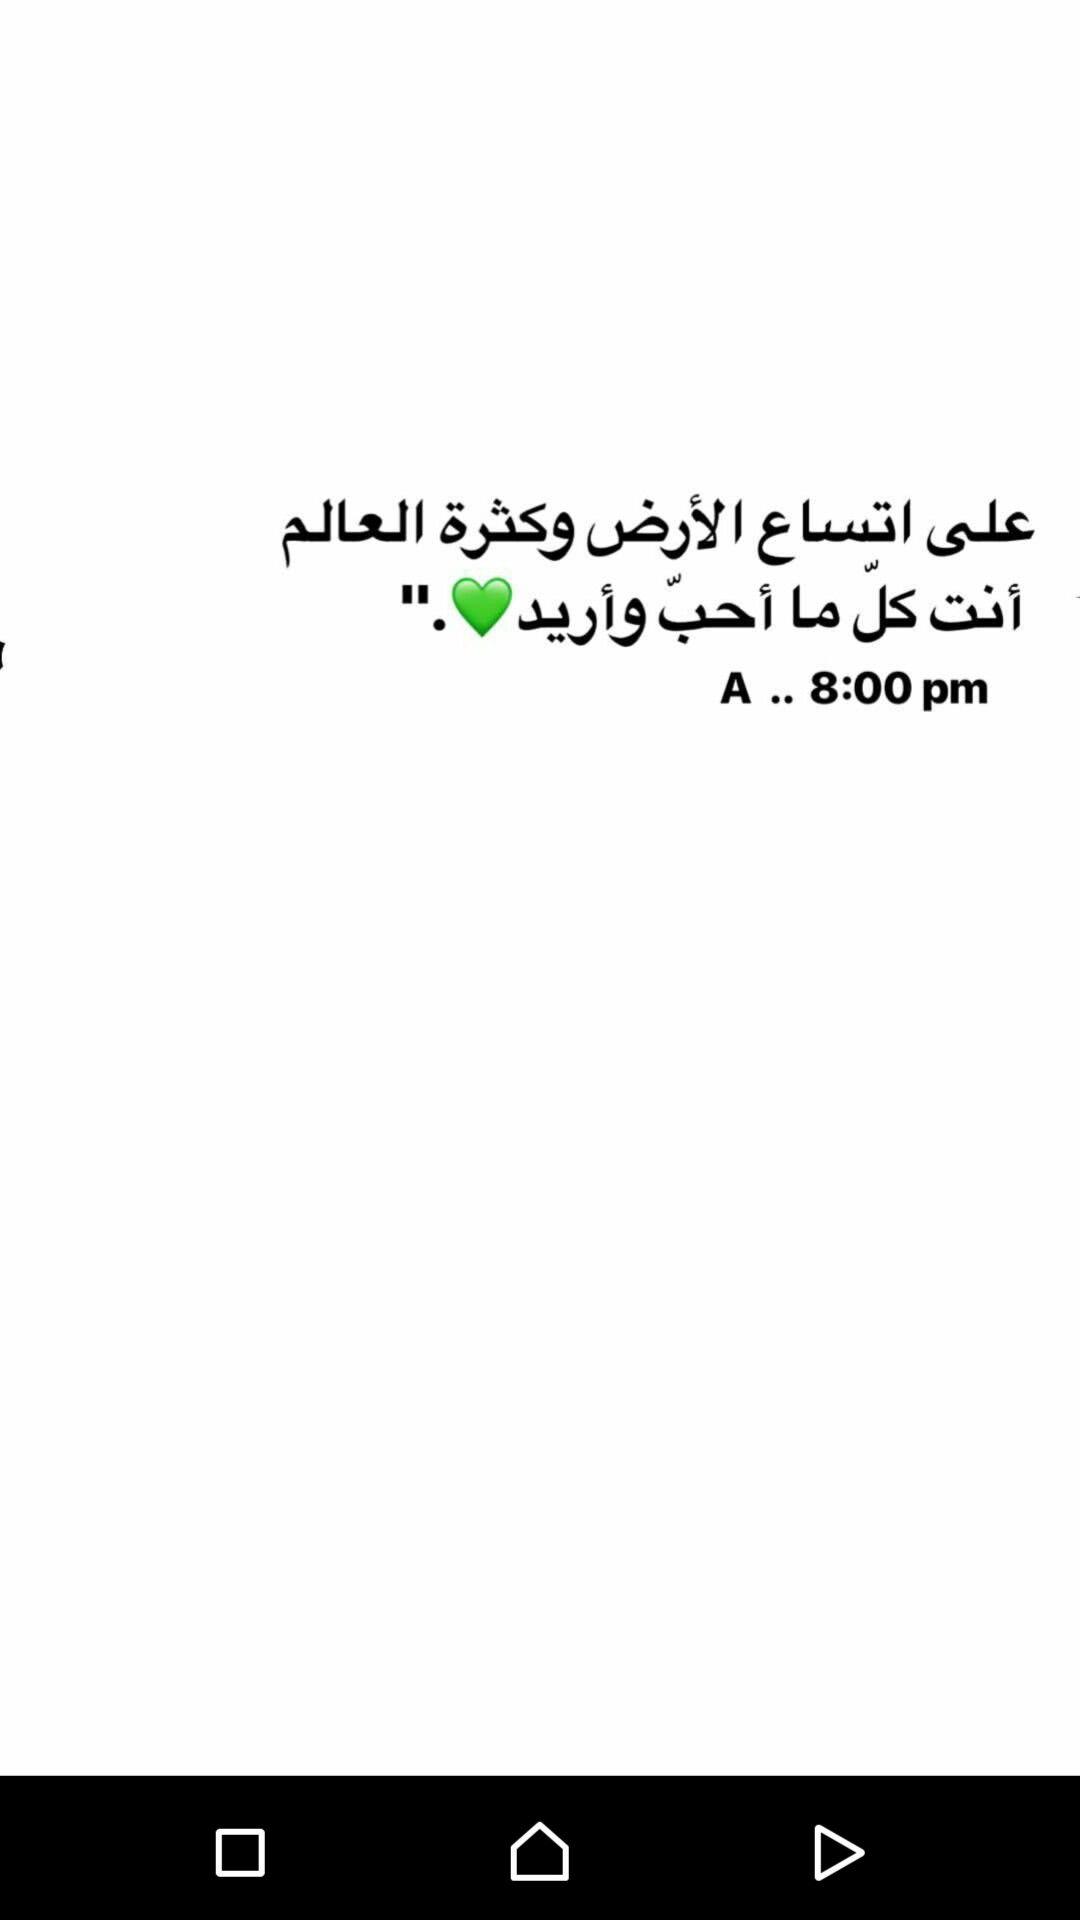 يارب احفظه لي من كل سوء Arabic Words Words Arabic Quotes